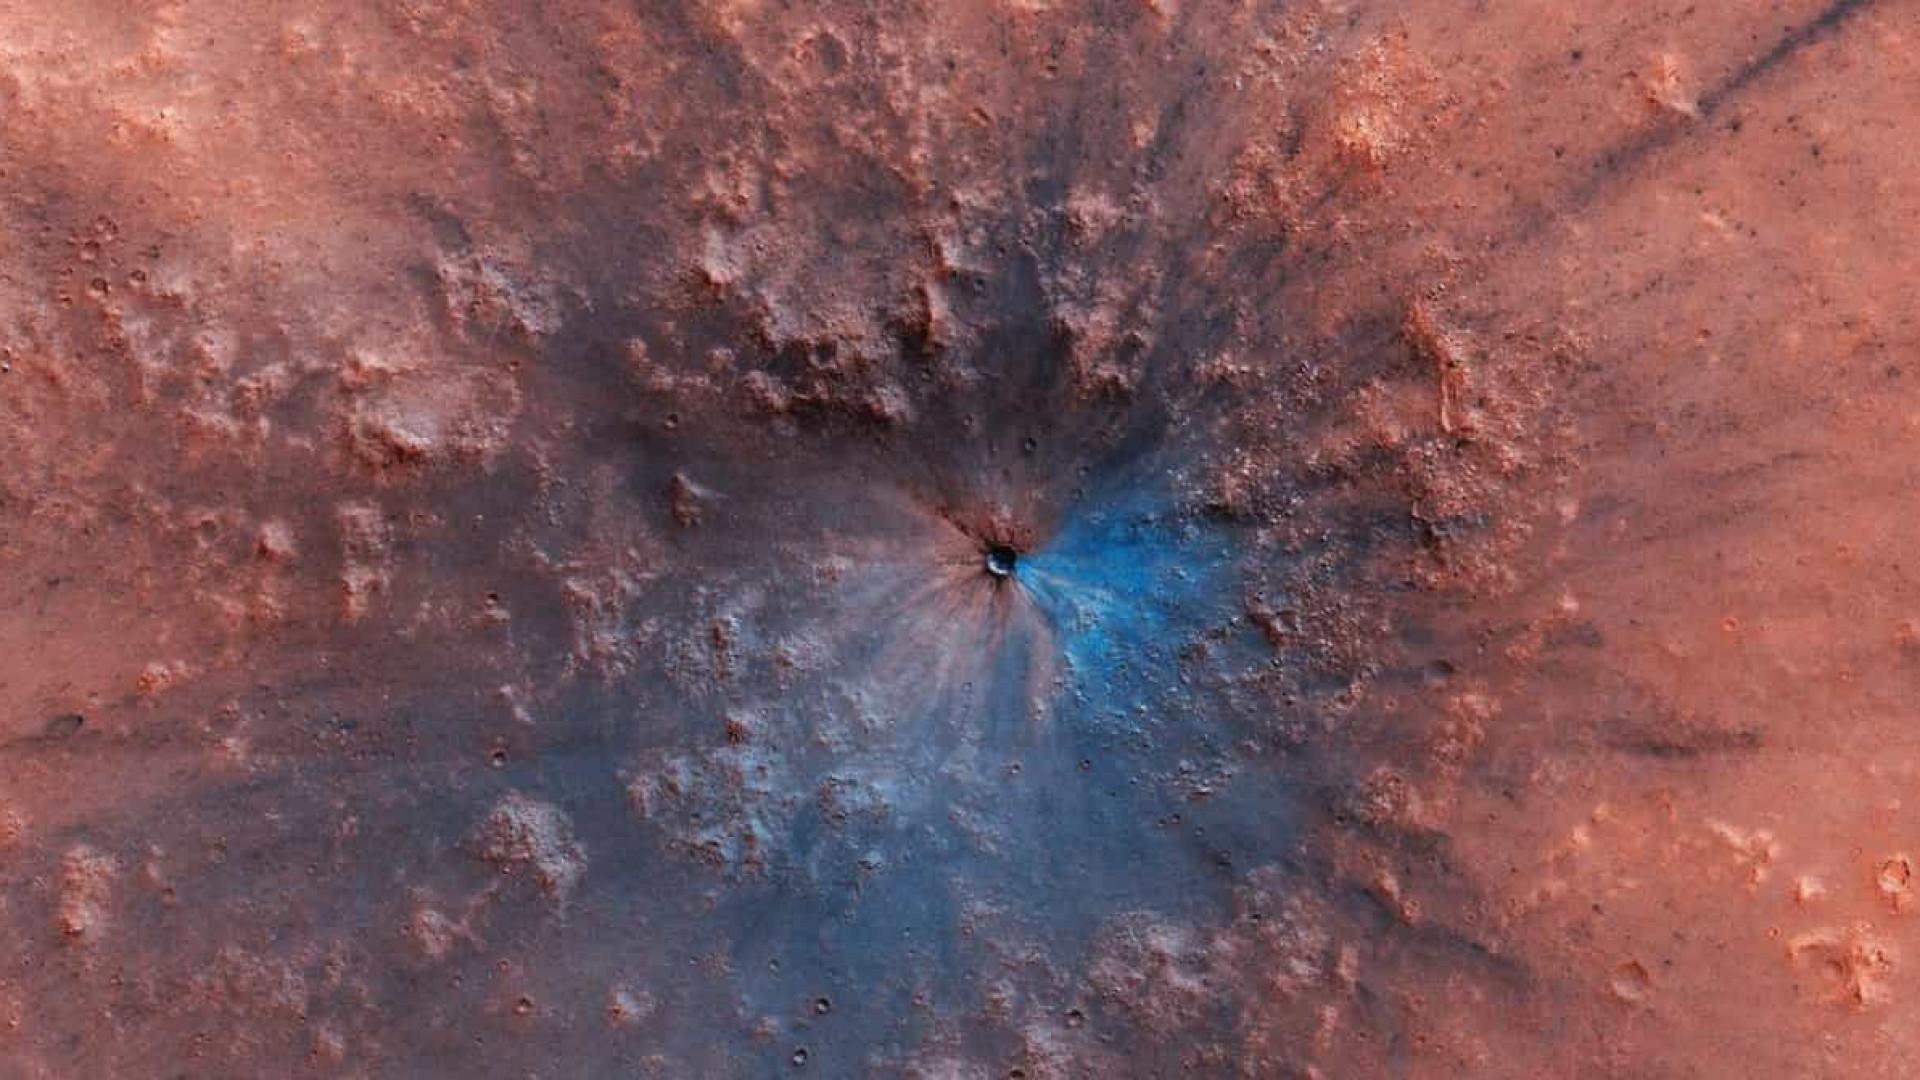 Nova cratera na superfície de Marte é descoberta